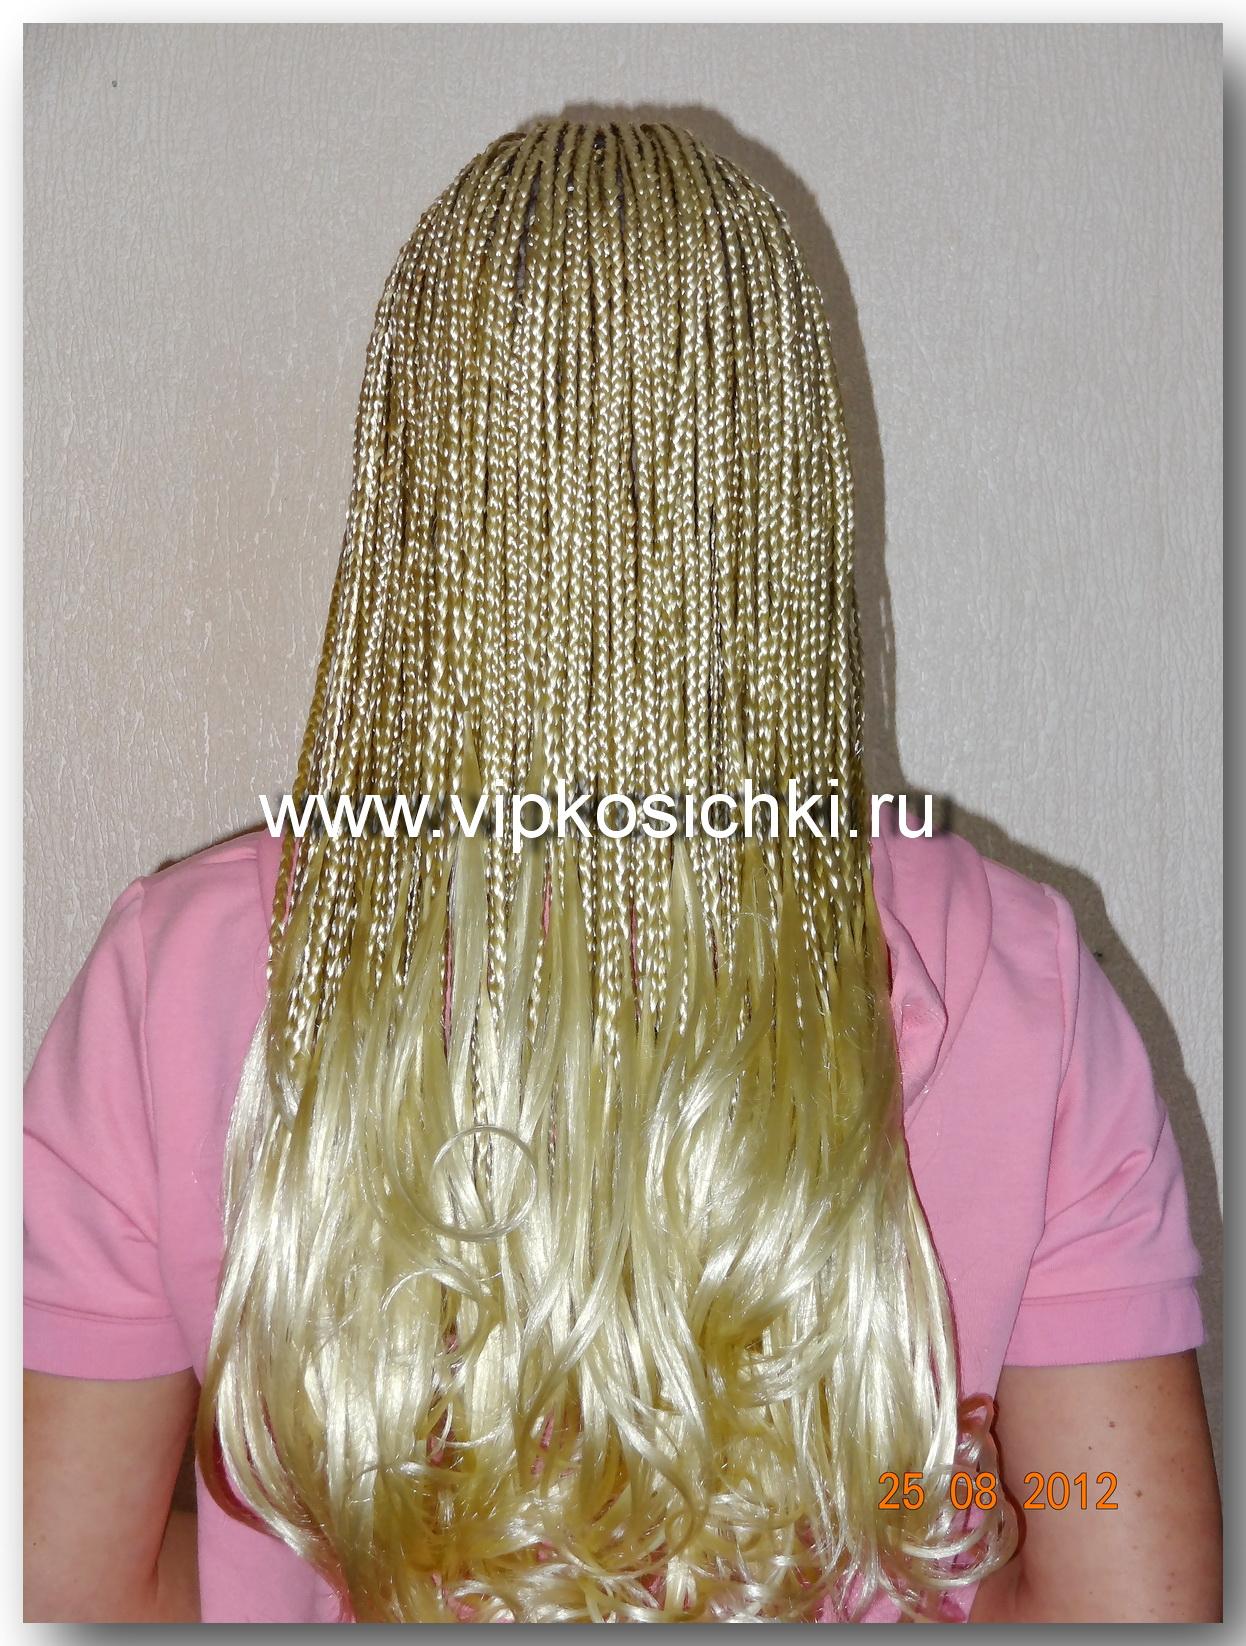 kosichki_pony-8